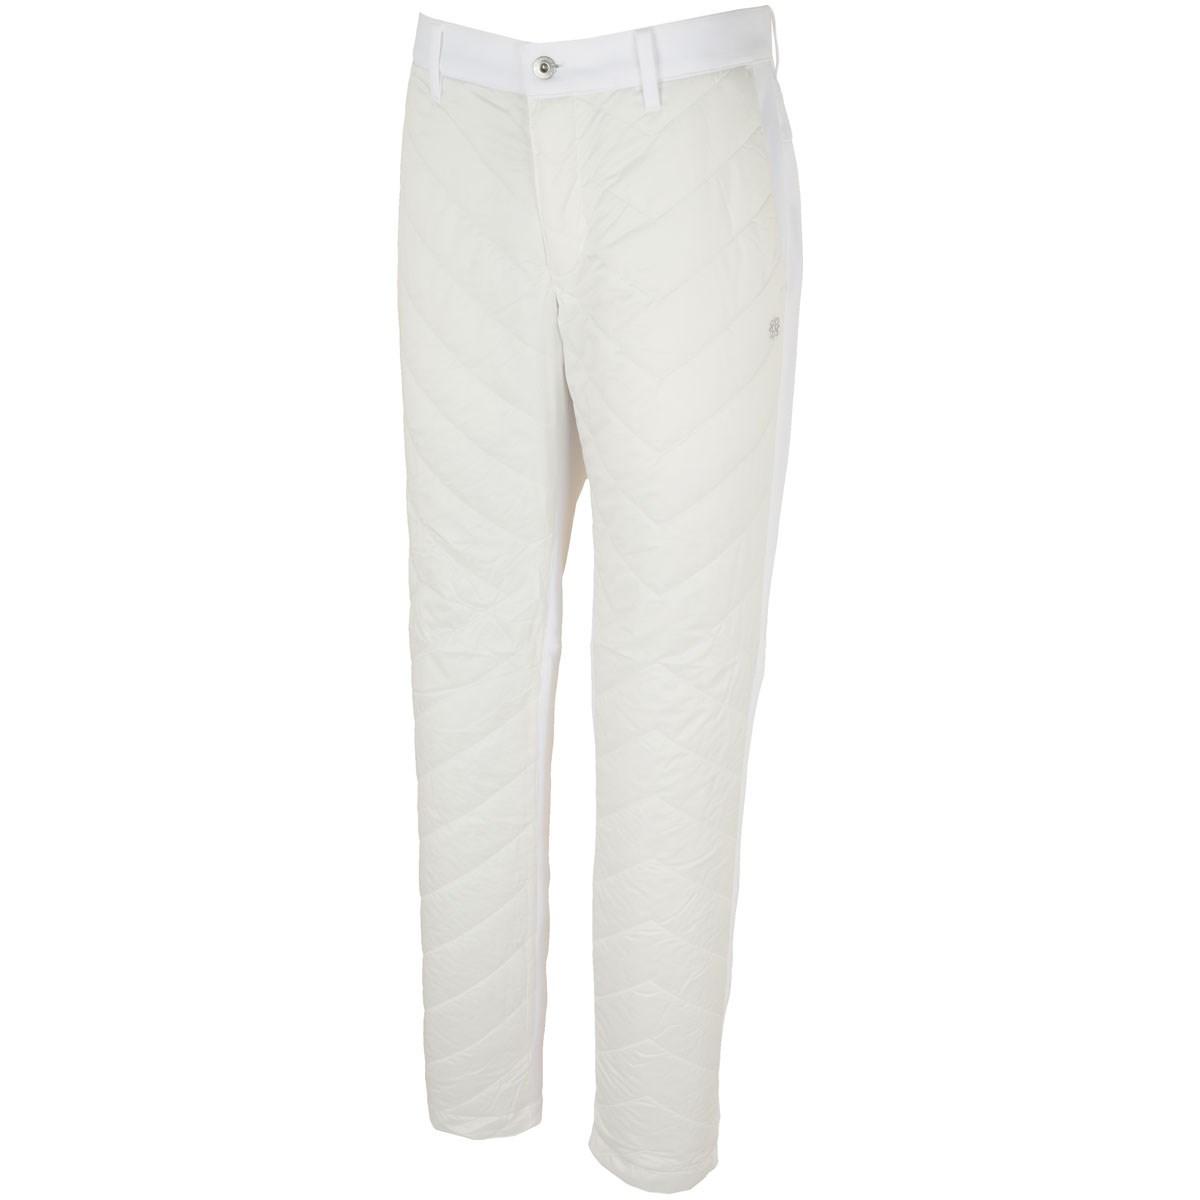 セント・アンドリュース WhiteLabel 高密度タフタ薄中綿パンツ